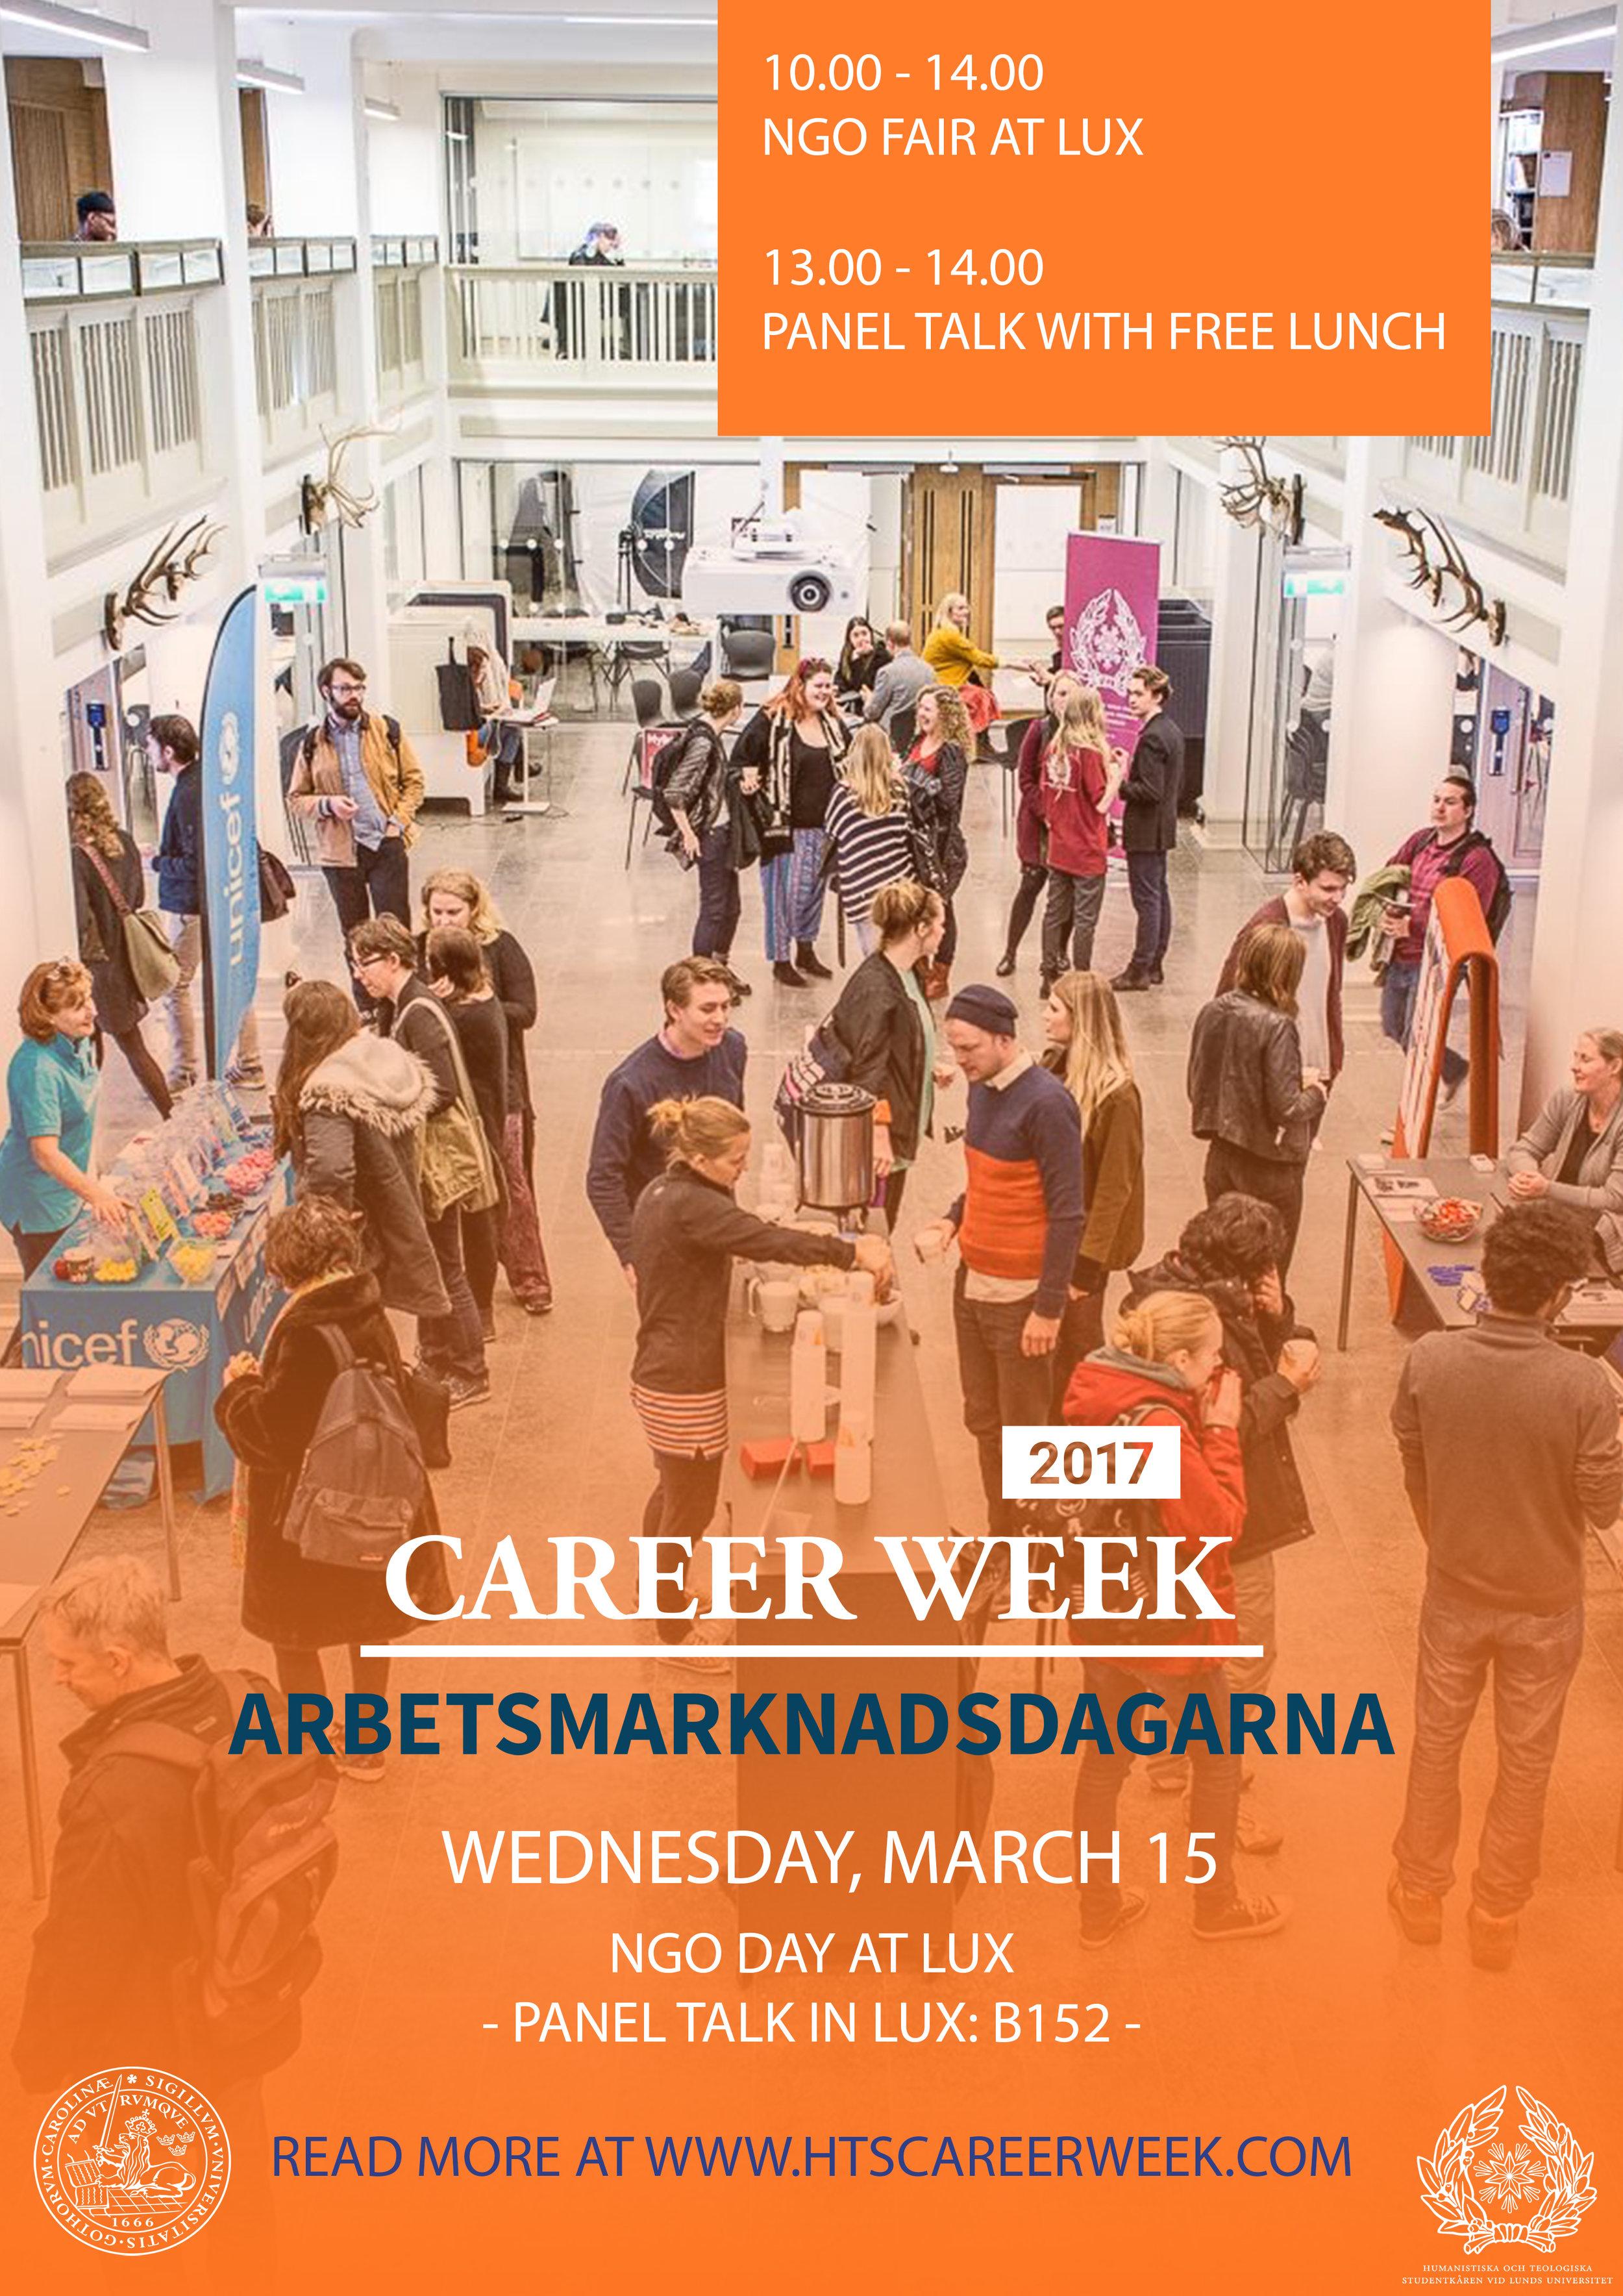 careerweek_NGO-2.jpg